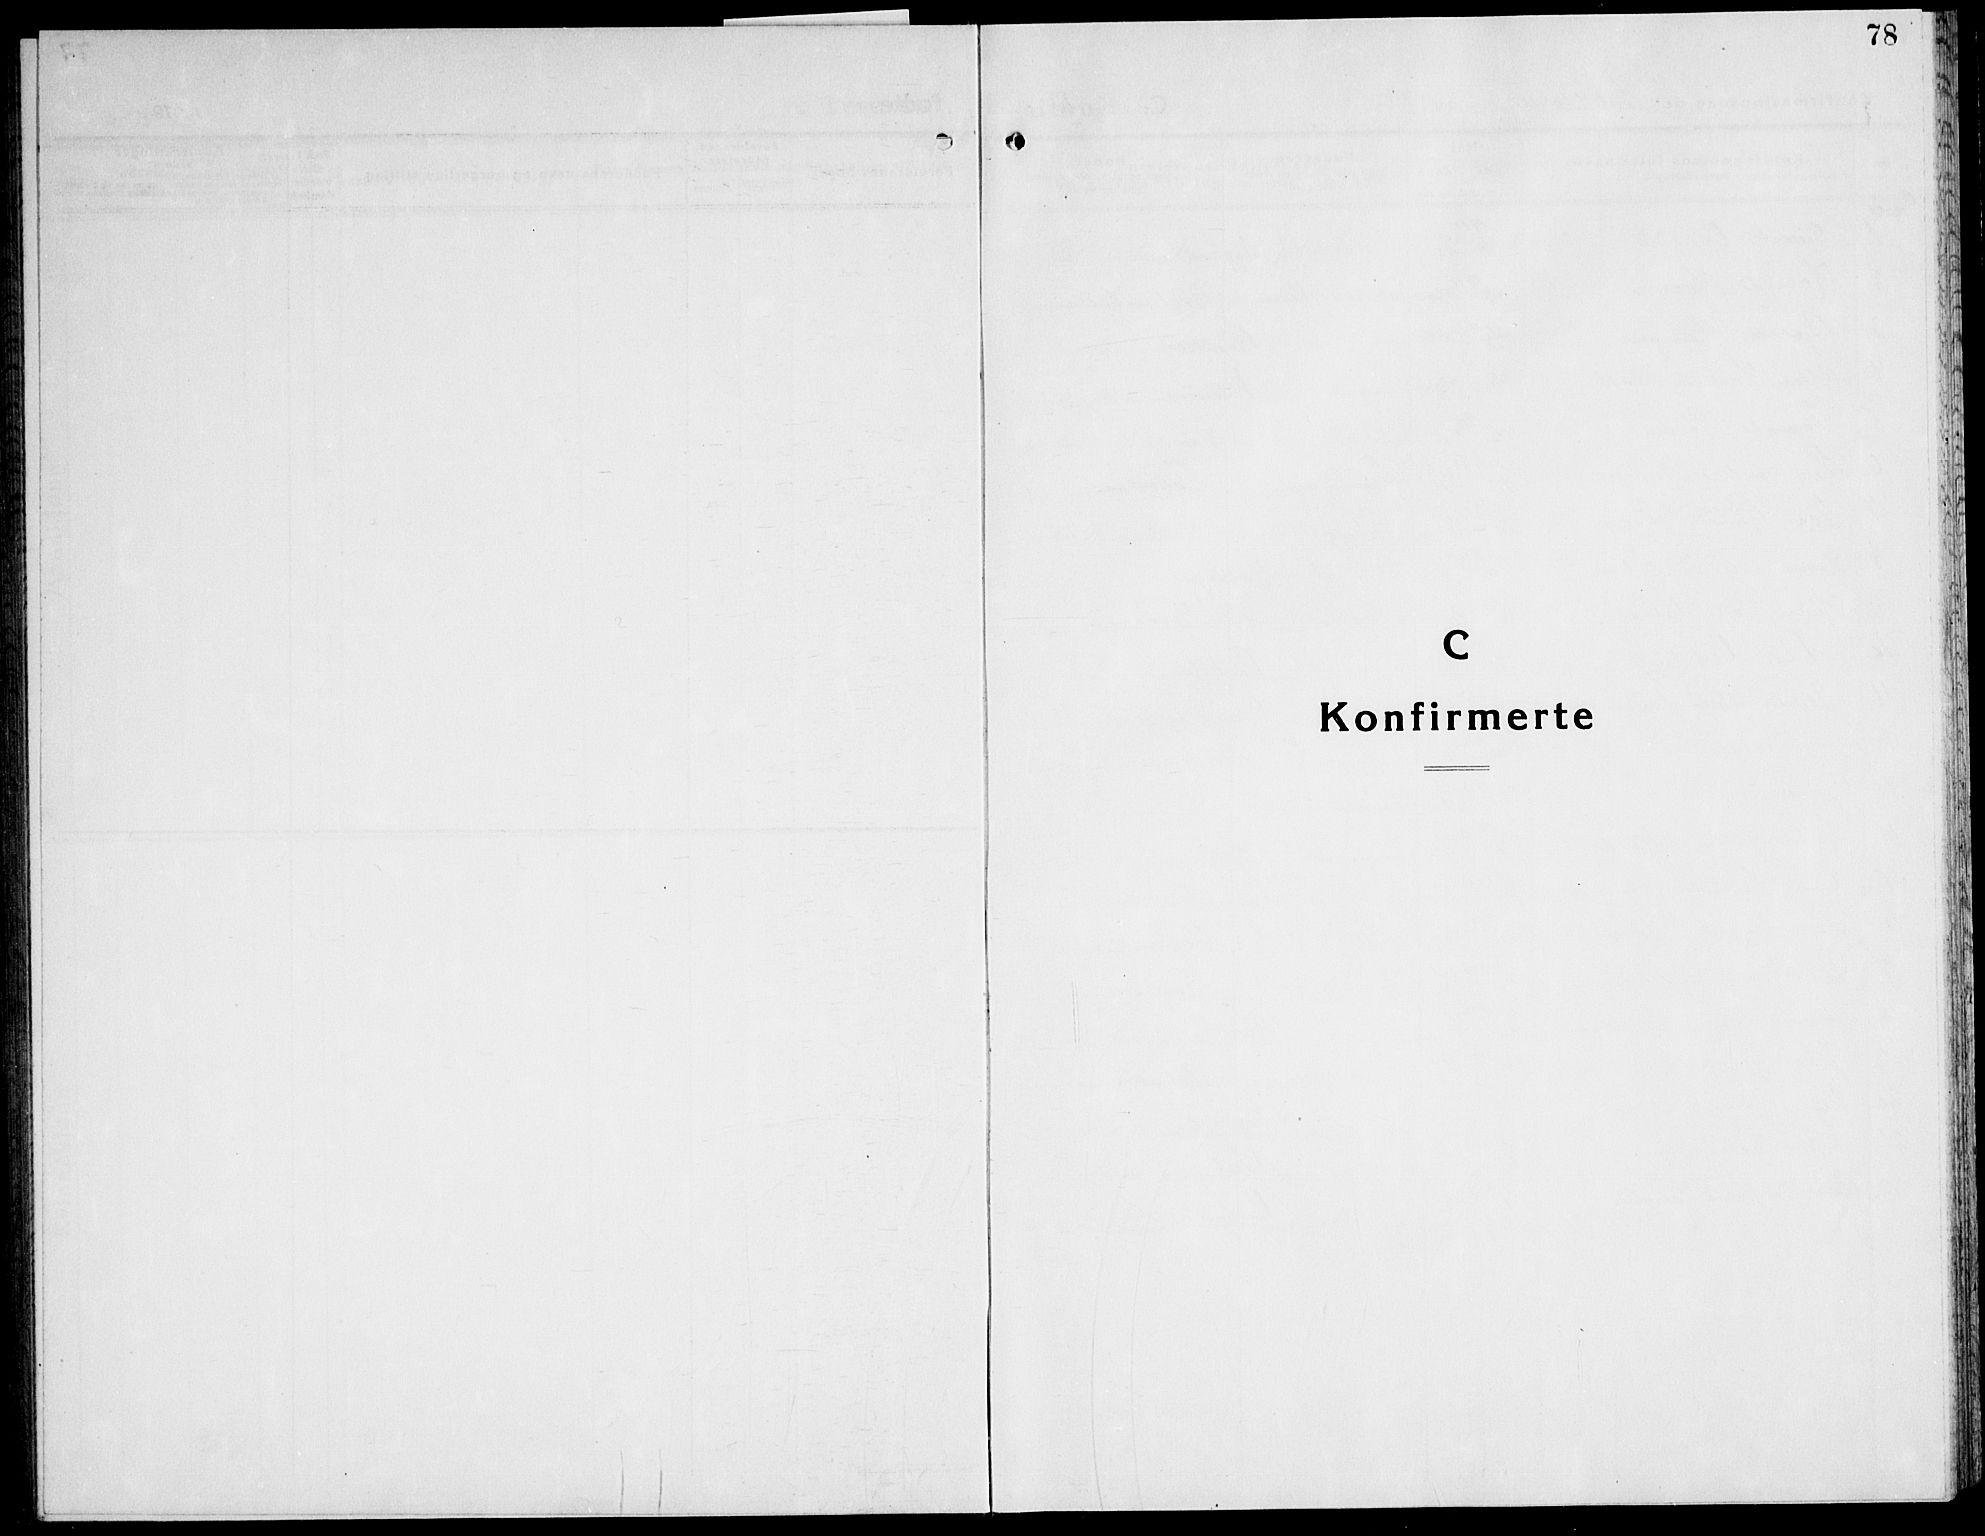 SAT, Ministerialprotokoller, klokkerbøker og fødselsregistre - Nord-Trøndelag, 741/L0403: Ministerialbok nr. 741C04, 1925-1944, s. 78